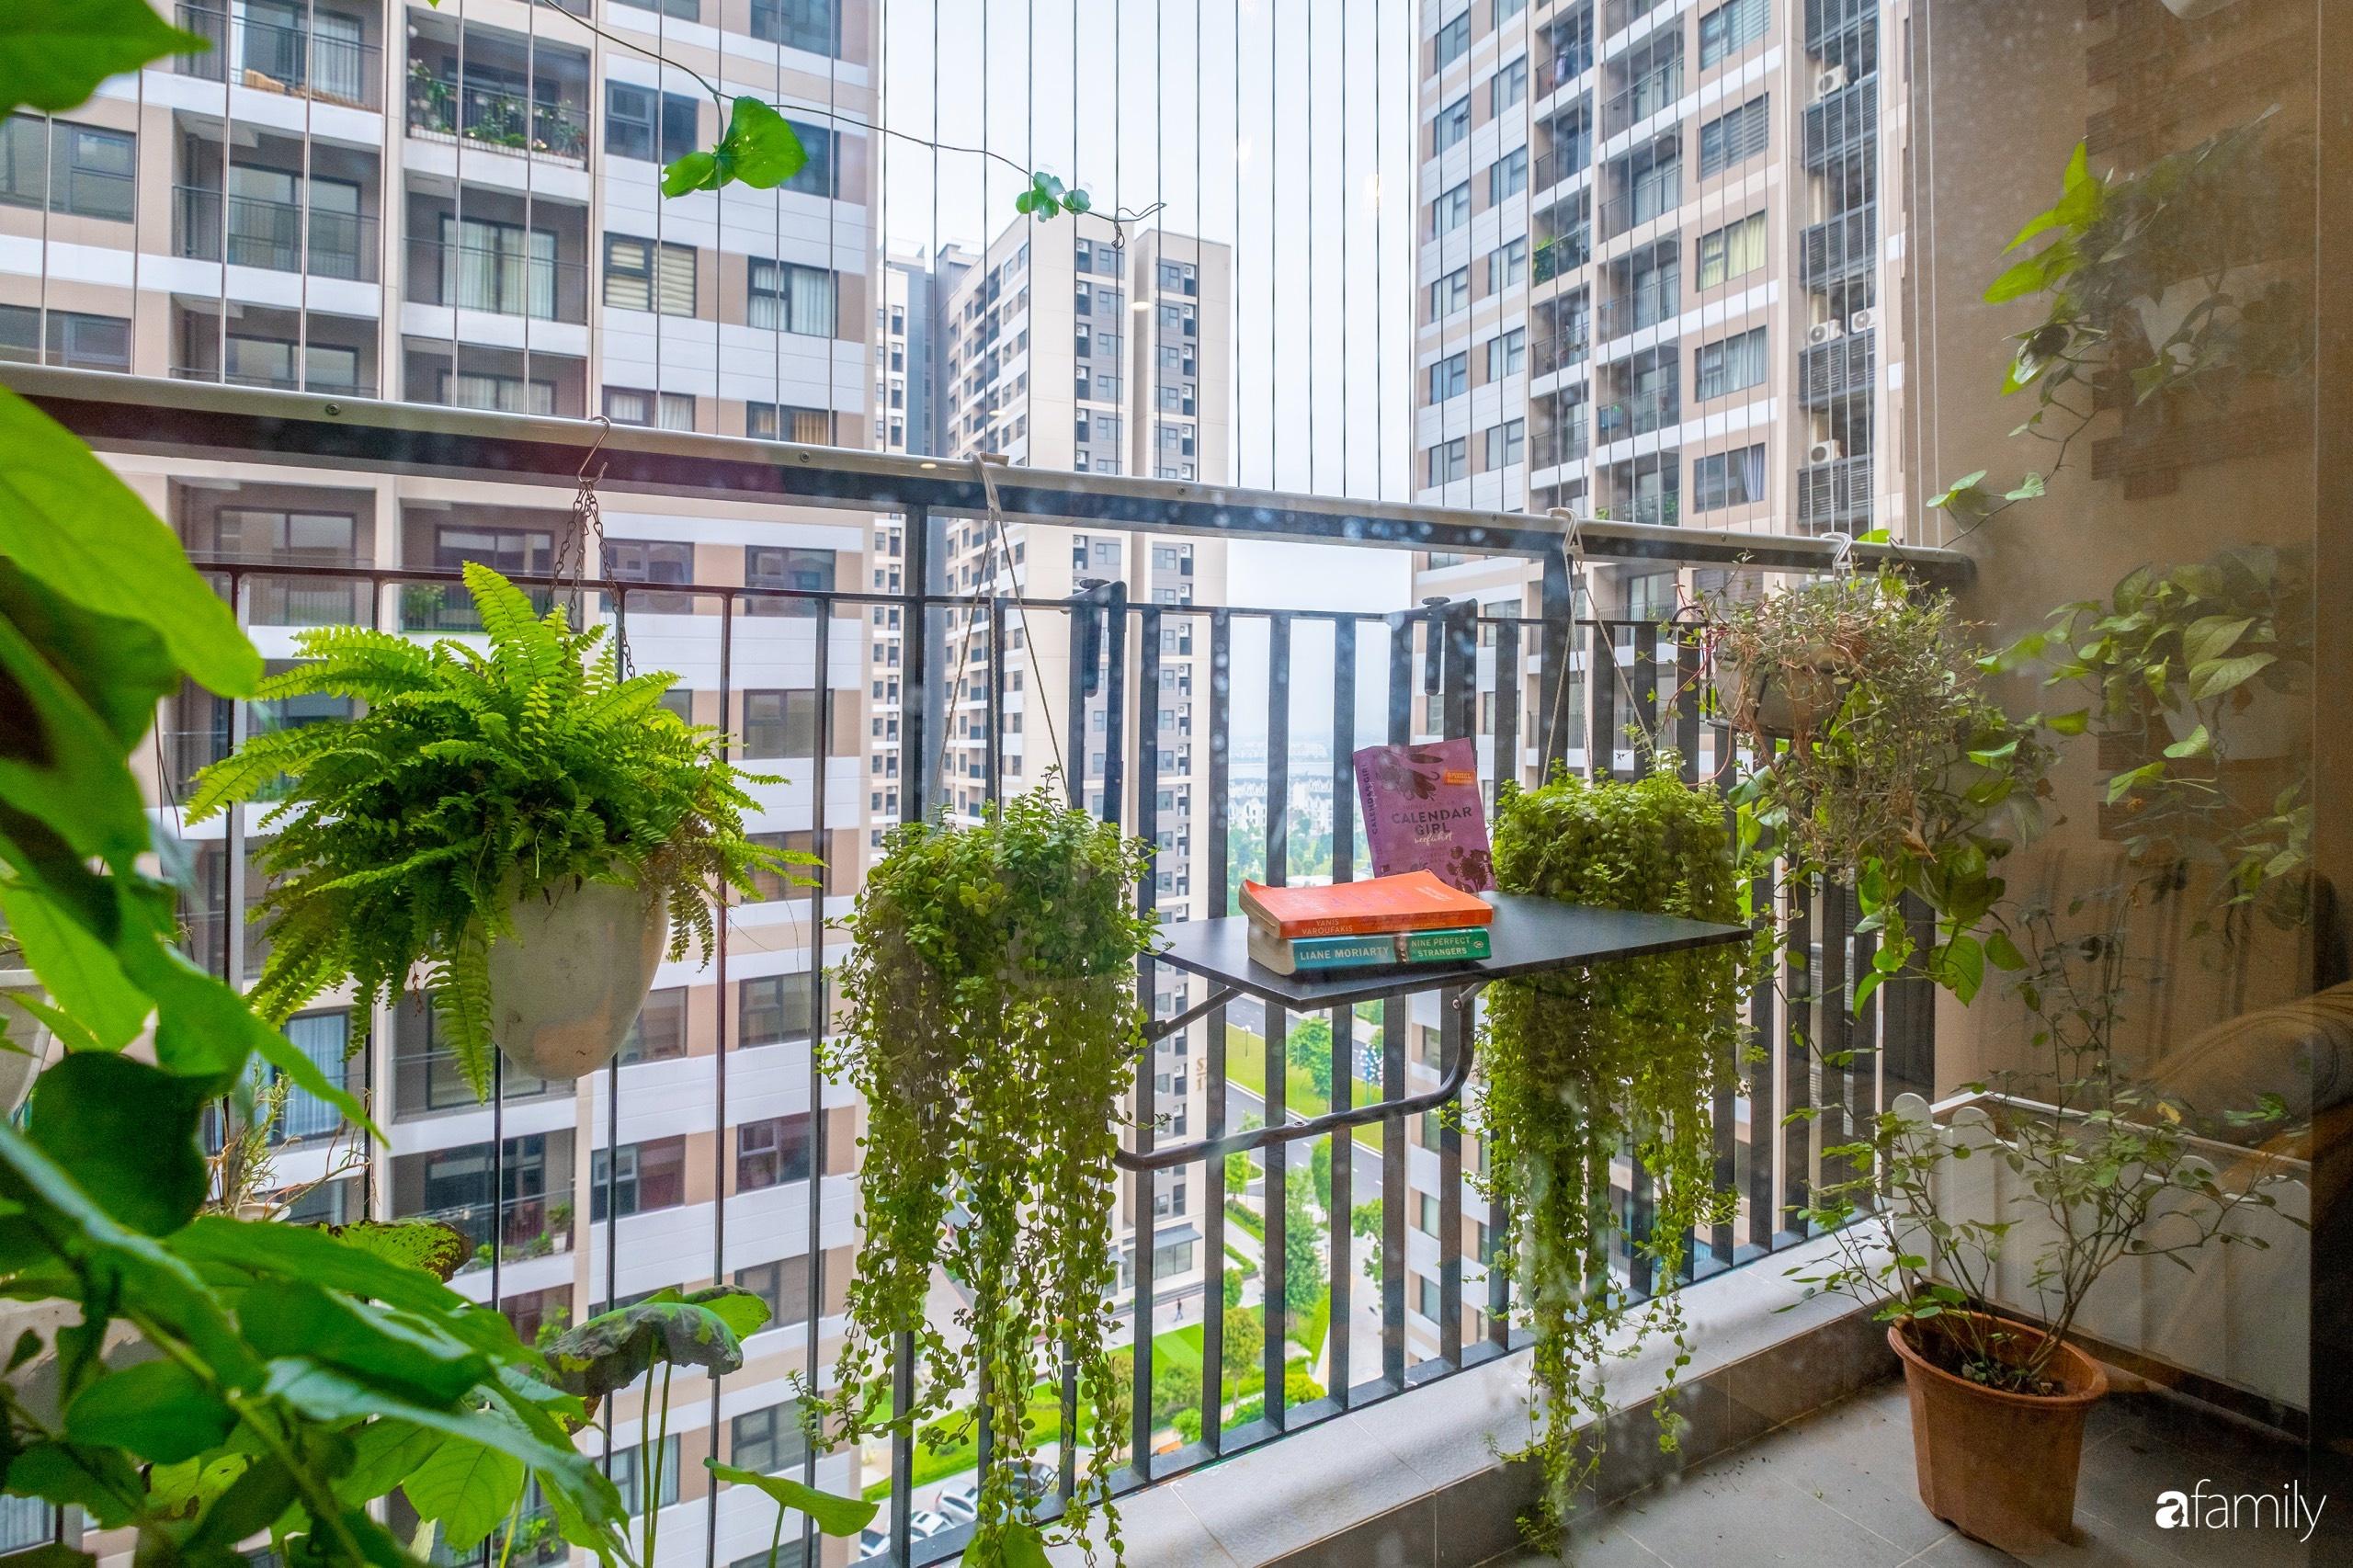 Căn hộ 54m² đẹp cuốn hút với tông màu xanh gần gũi với thiên nhiên có chi phí hoàn thiện nội thất 150 triệu đồng ở Hà Nội - Ảnh 10.